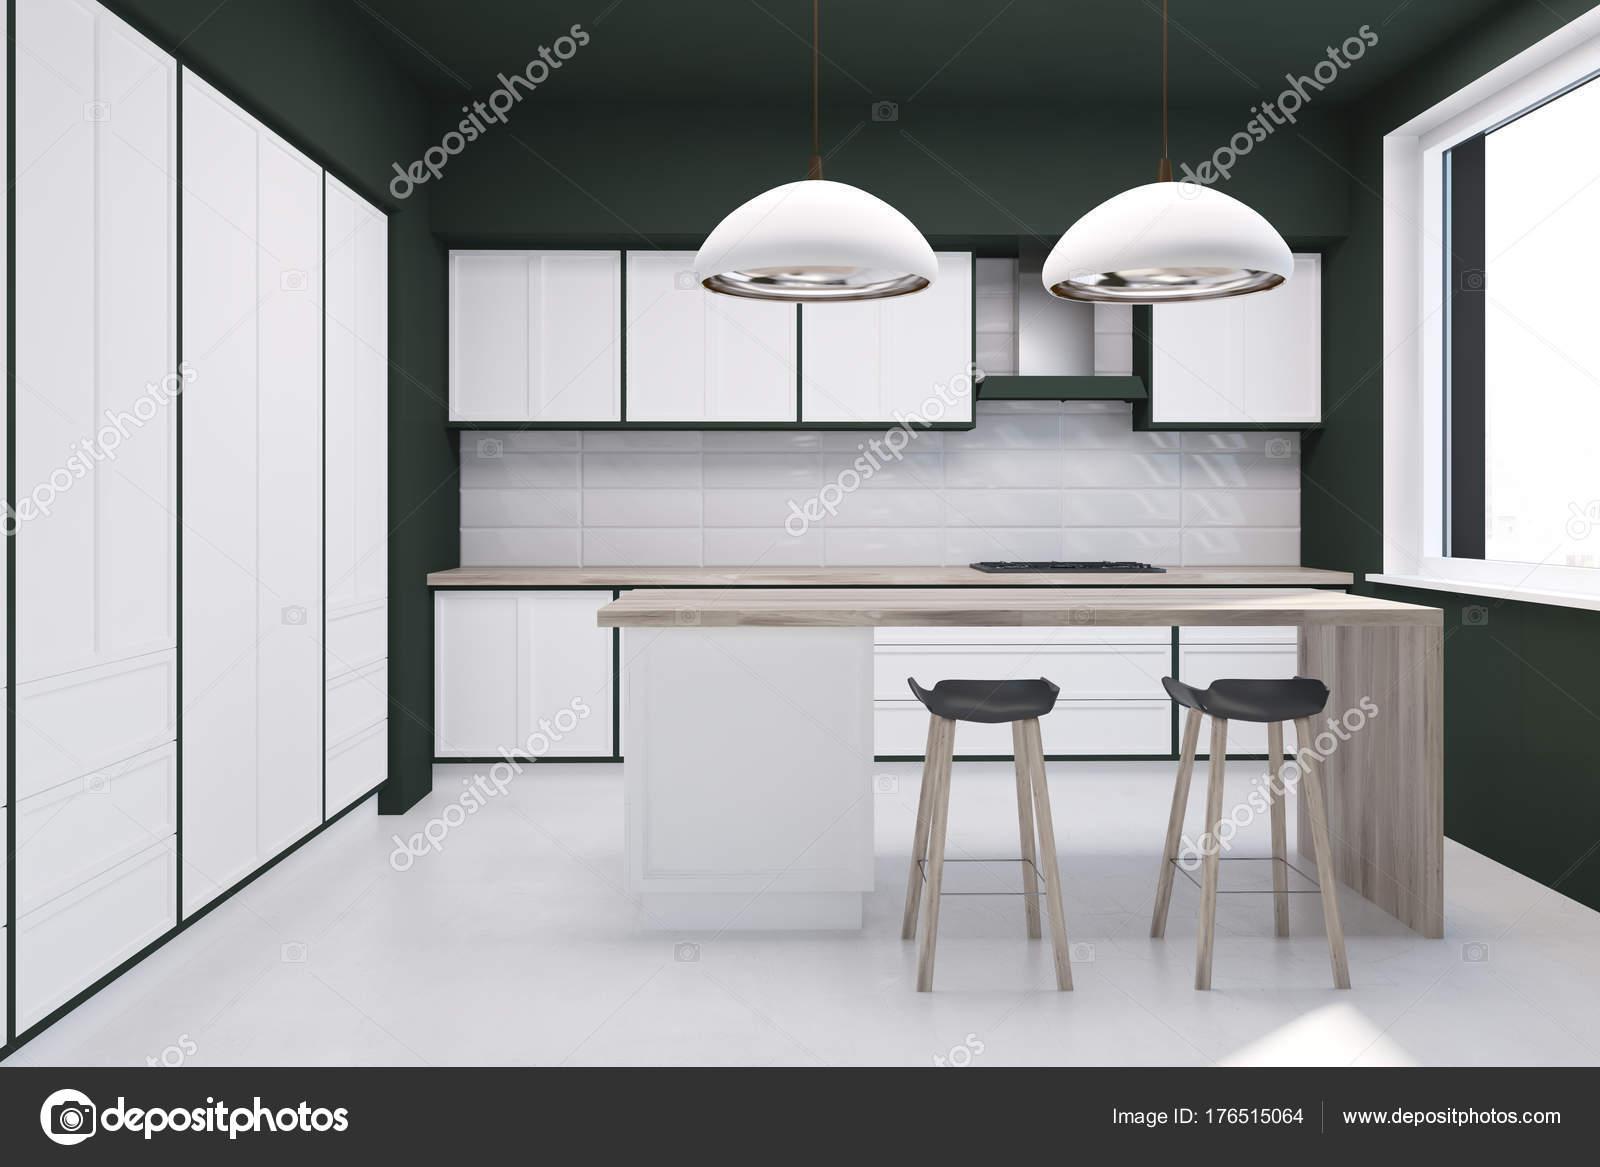 Witte Tegels Keuken : Witte tegel panoramisch keuken u stockfoto denisismagilov